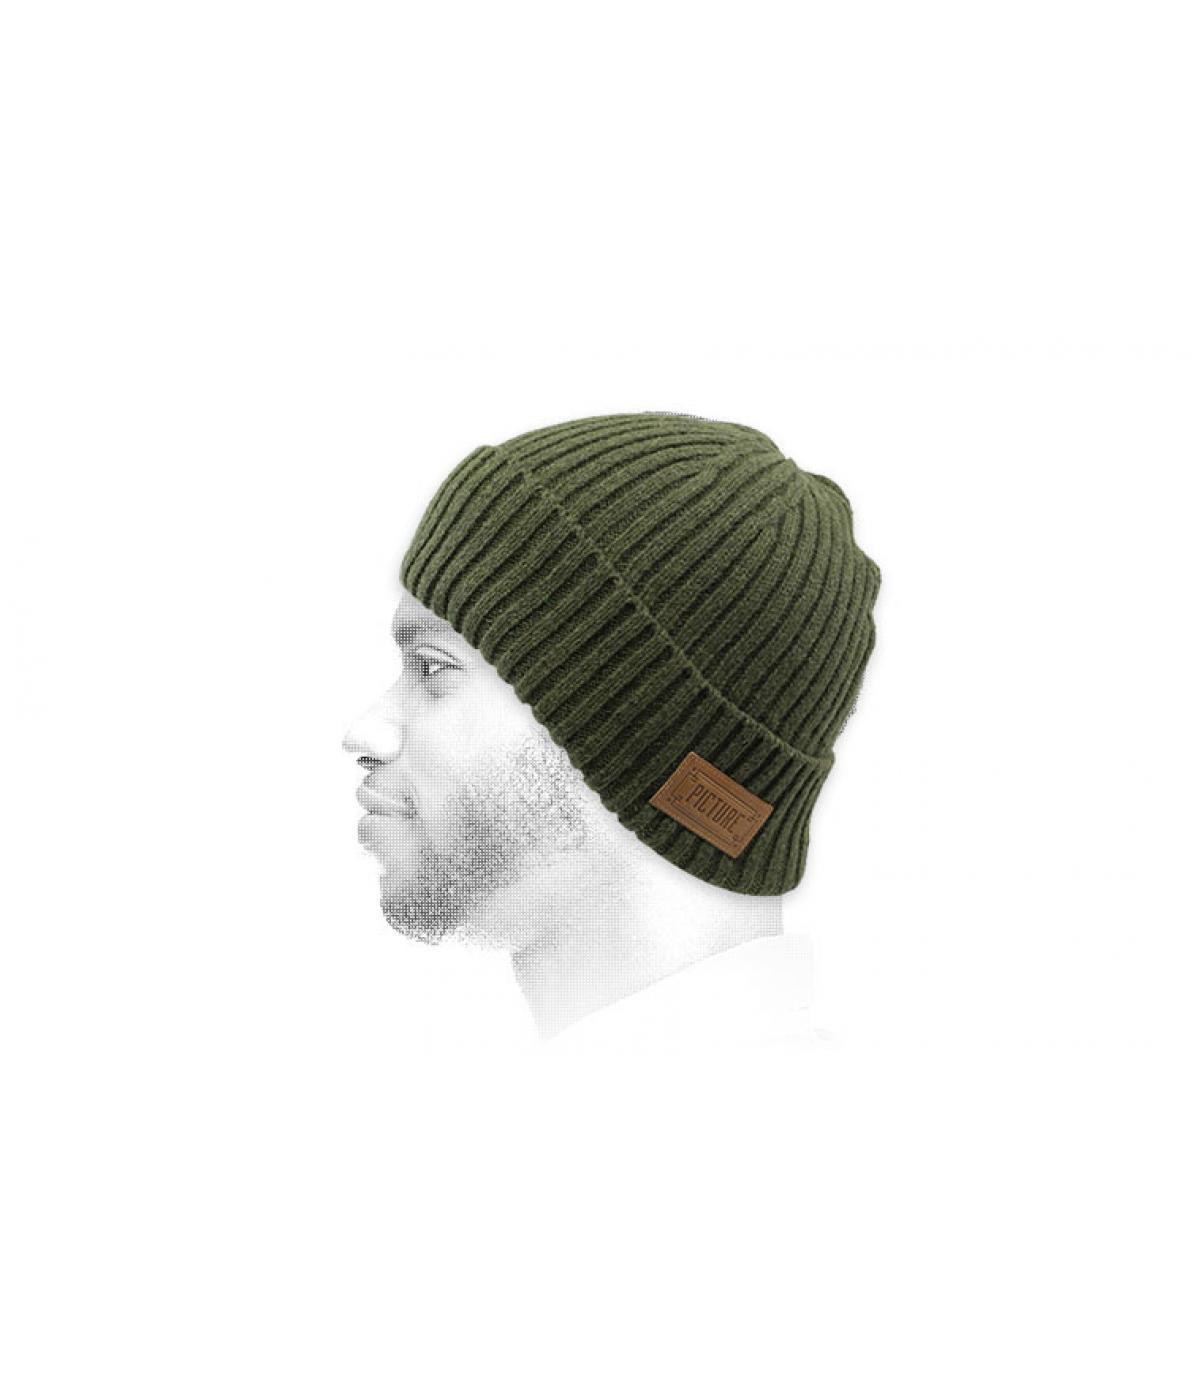 bonnet revers vert Picture